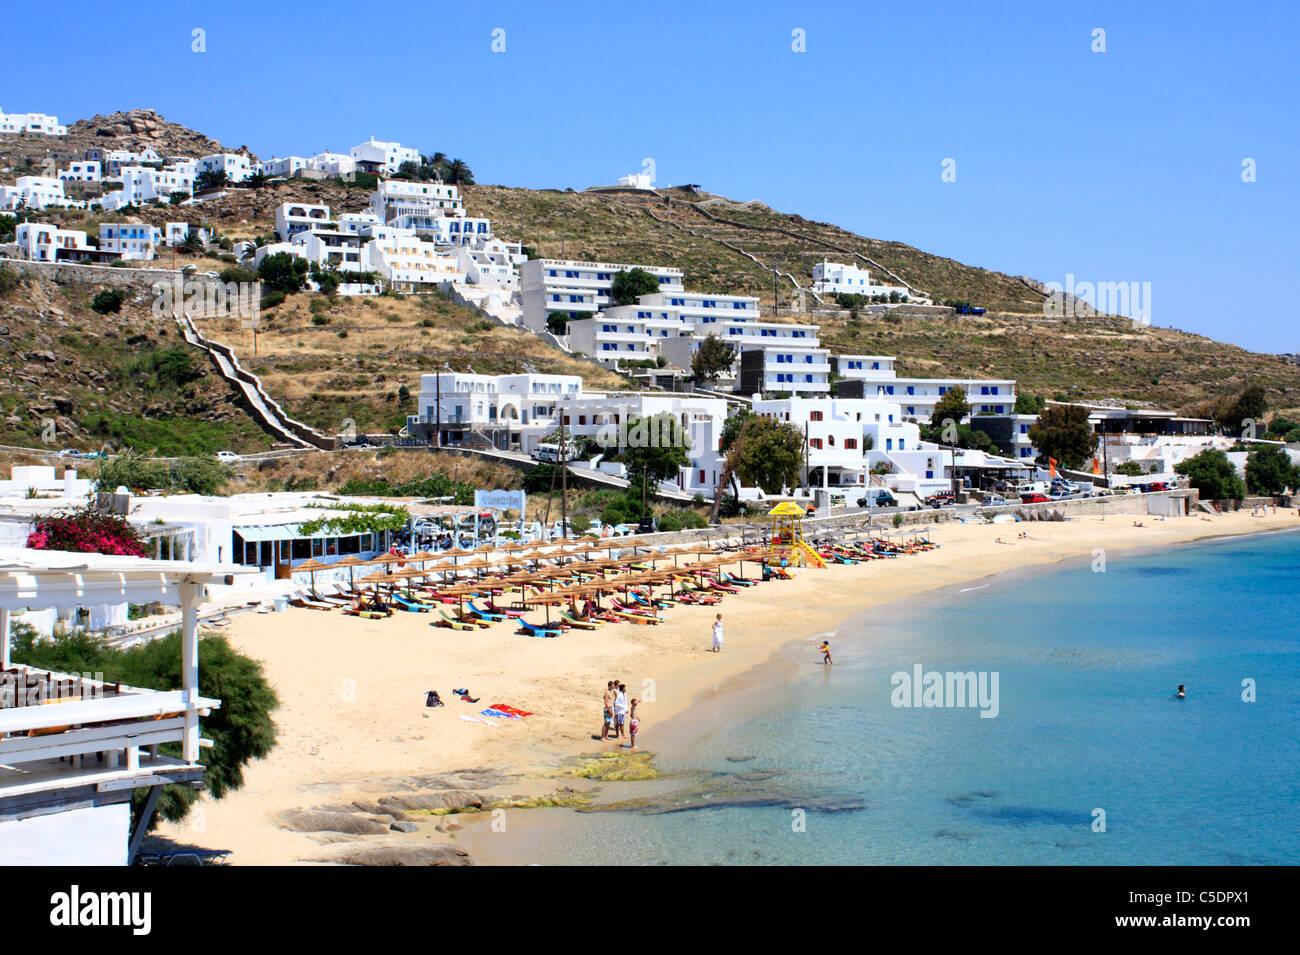 Agios Stefanos Strand Kykladeninsel Mykonos Ägäis Griechenland EU Europäische Union Europa Stockfoto